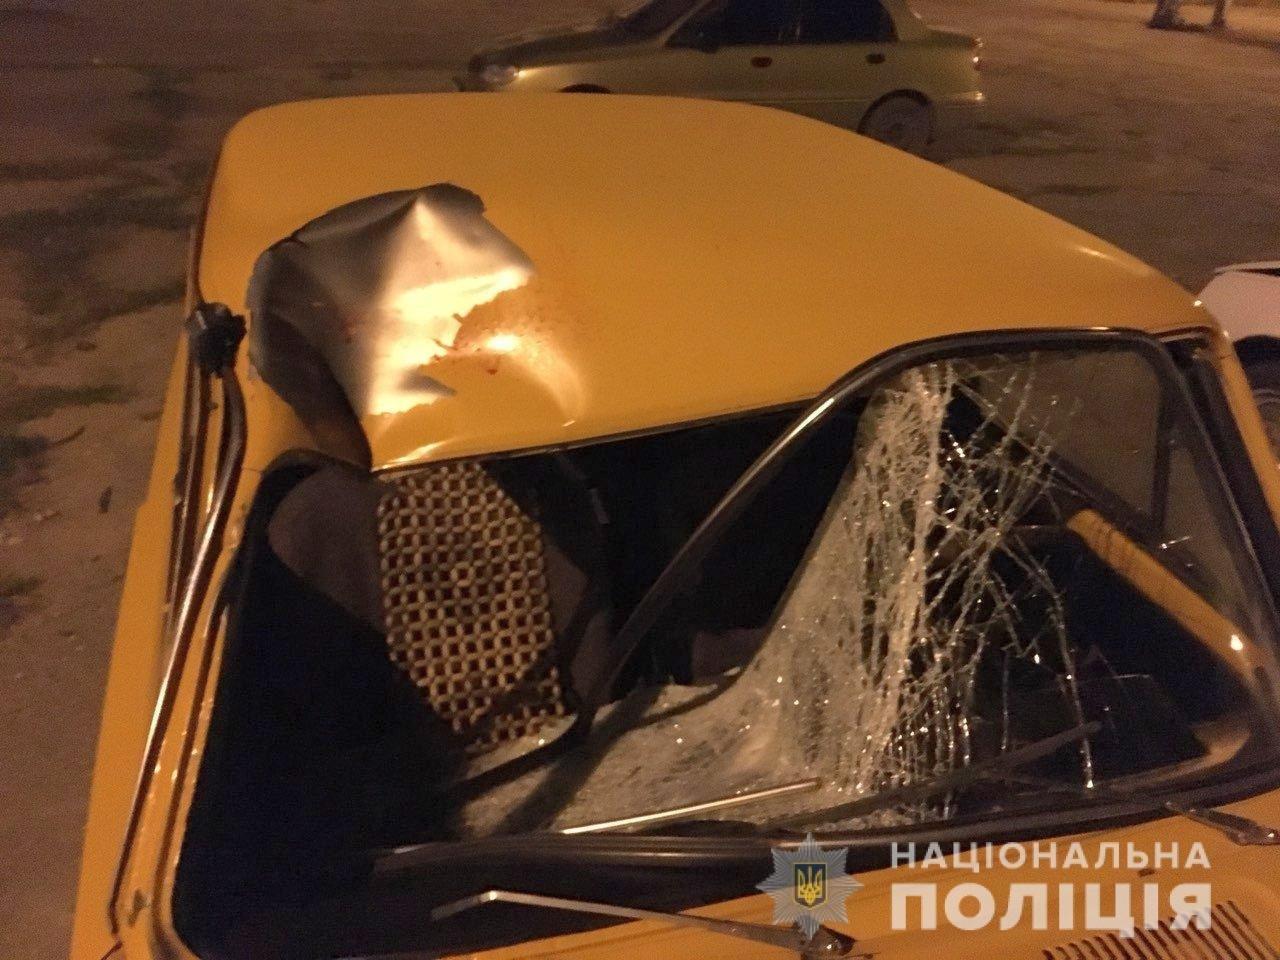 Под Мелитополем водитель насмерть сбил пешехода и пытался скрыться, – ФОТО, фото-2